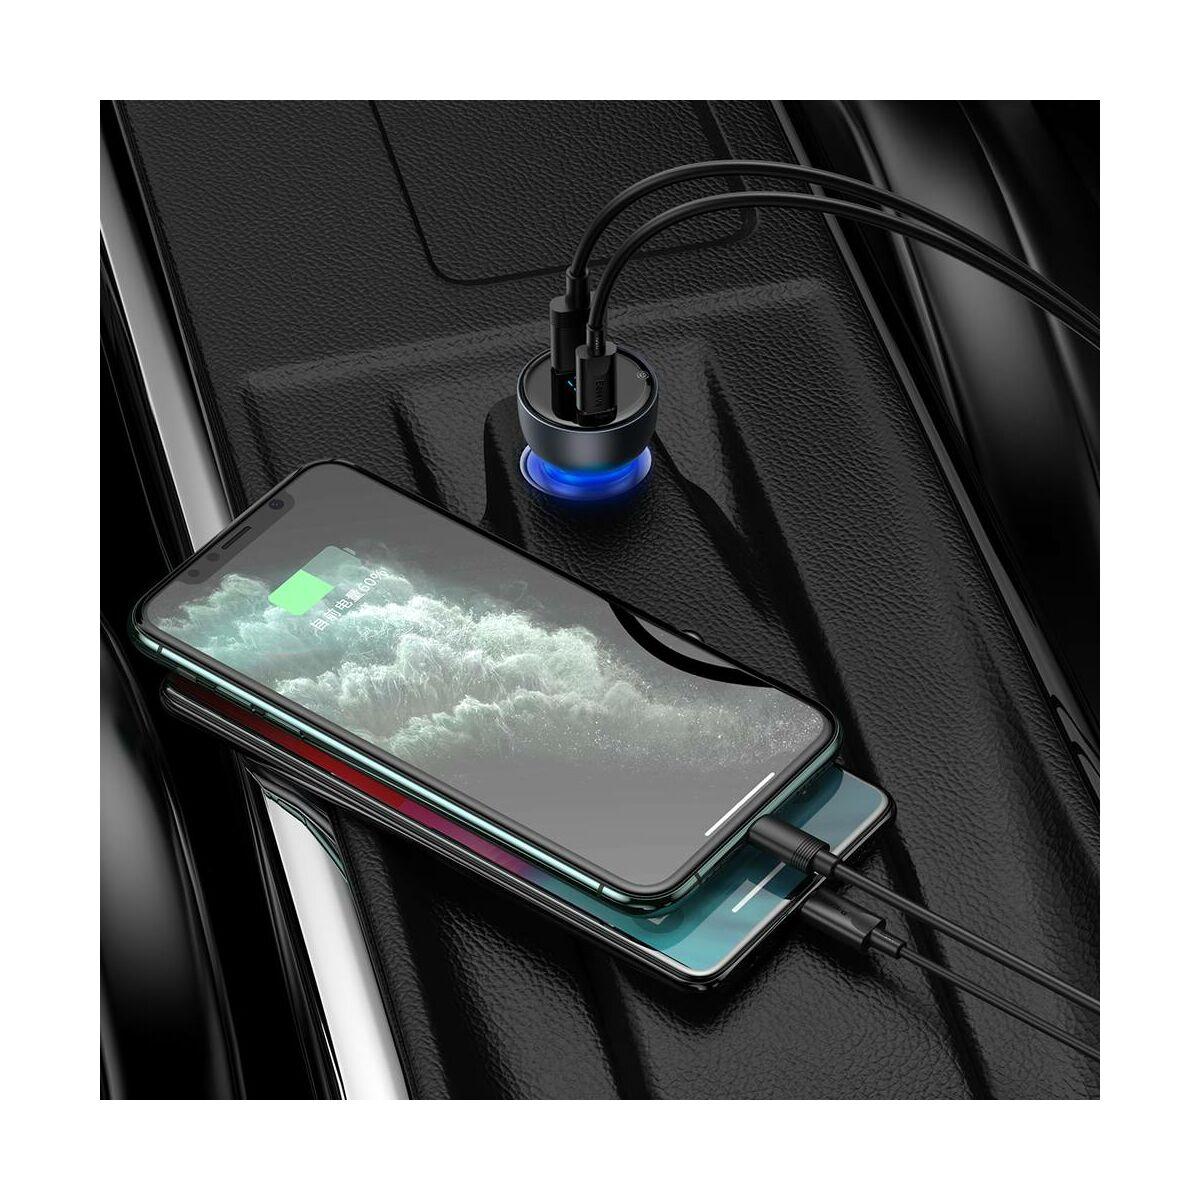 Baseus autós töltő, Particular digitális kijelzővel, dupla QC 3.0 + PPS (USB 18W + Type-C 45W), max 65W, szürke (CCKX-C0G)